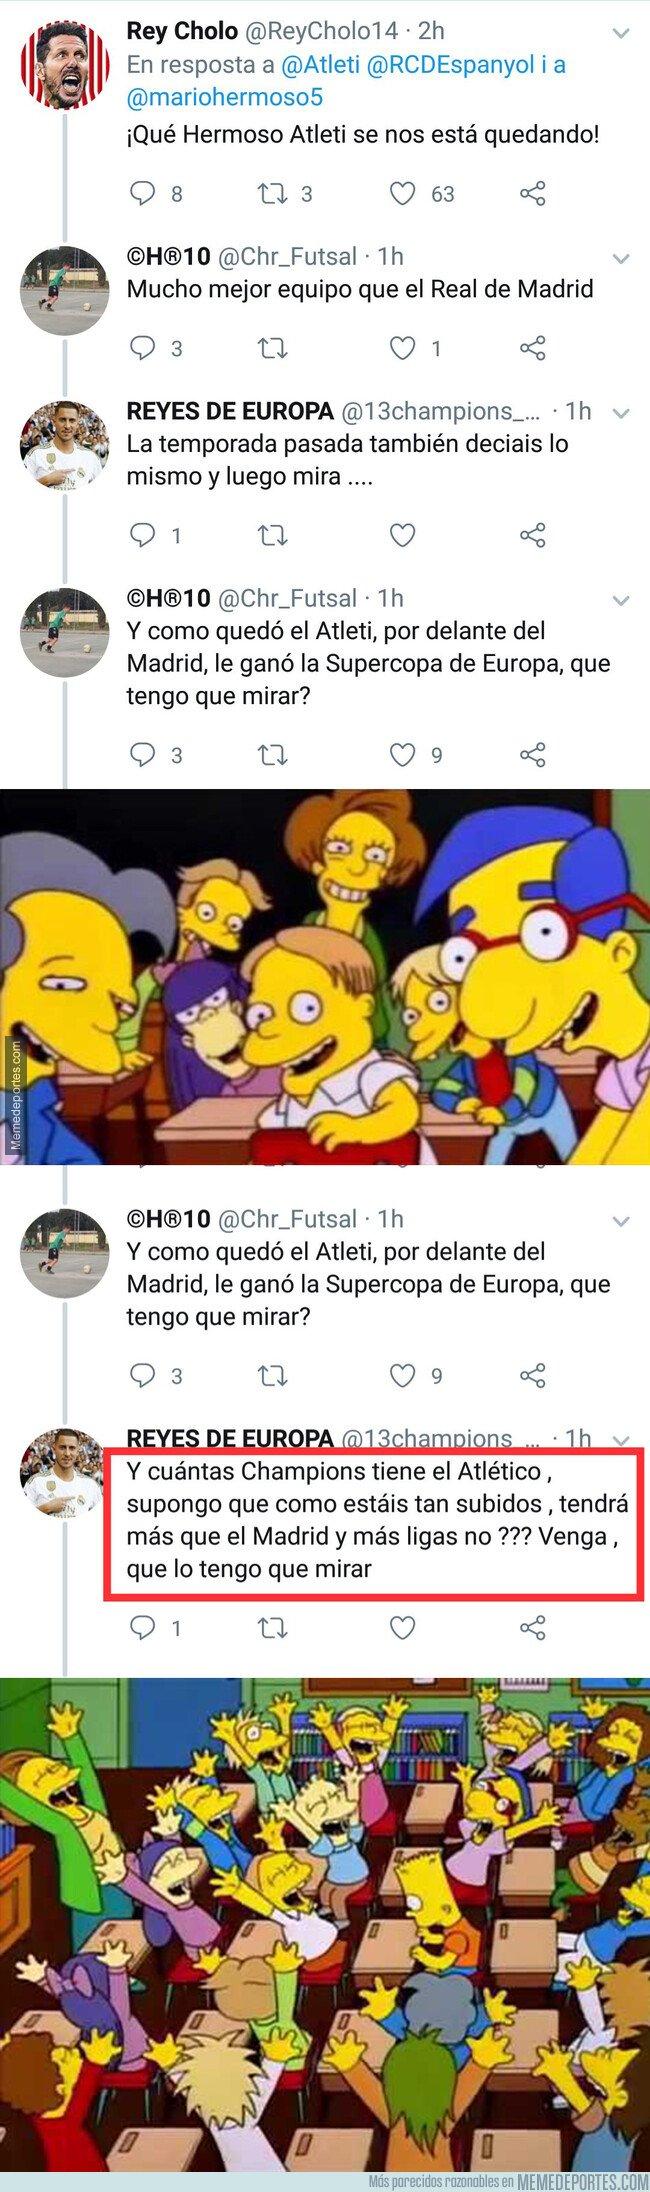 1081427 - La conversación de Twitter que retrata los argumentos de los madridistas